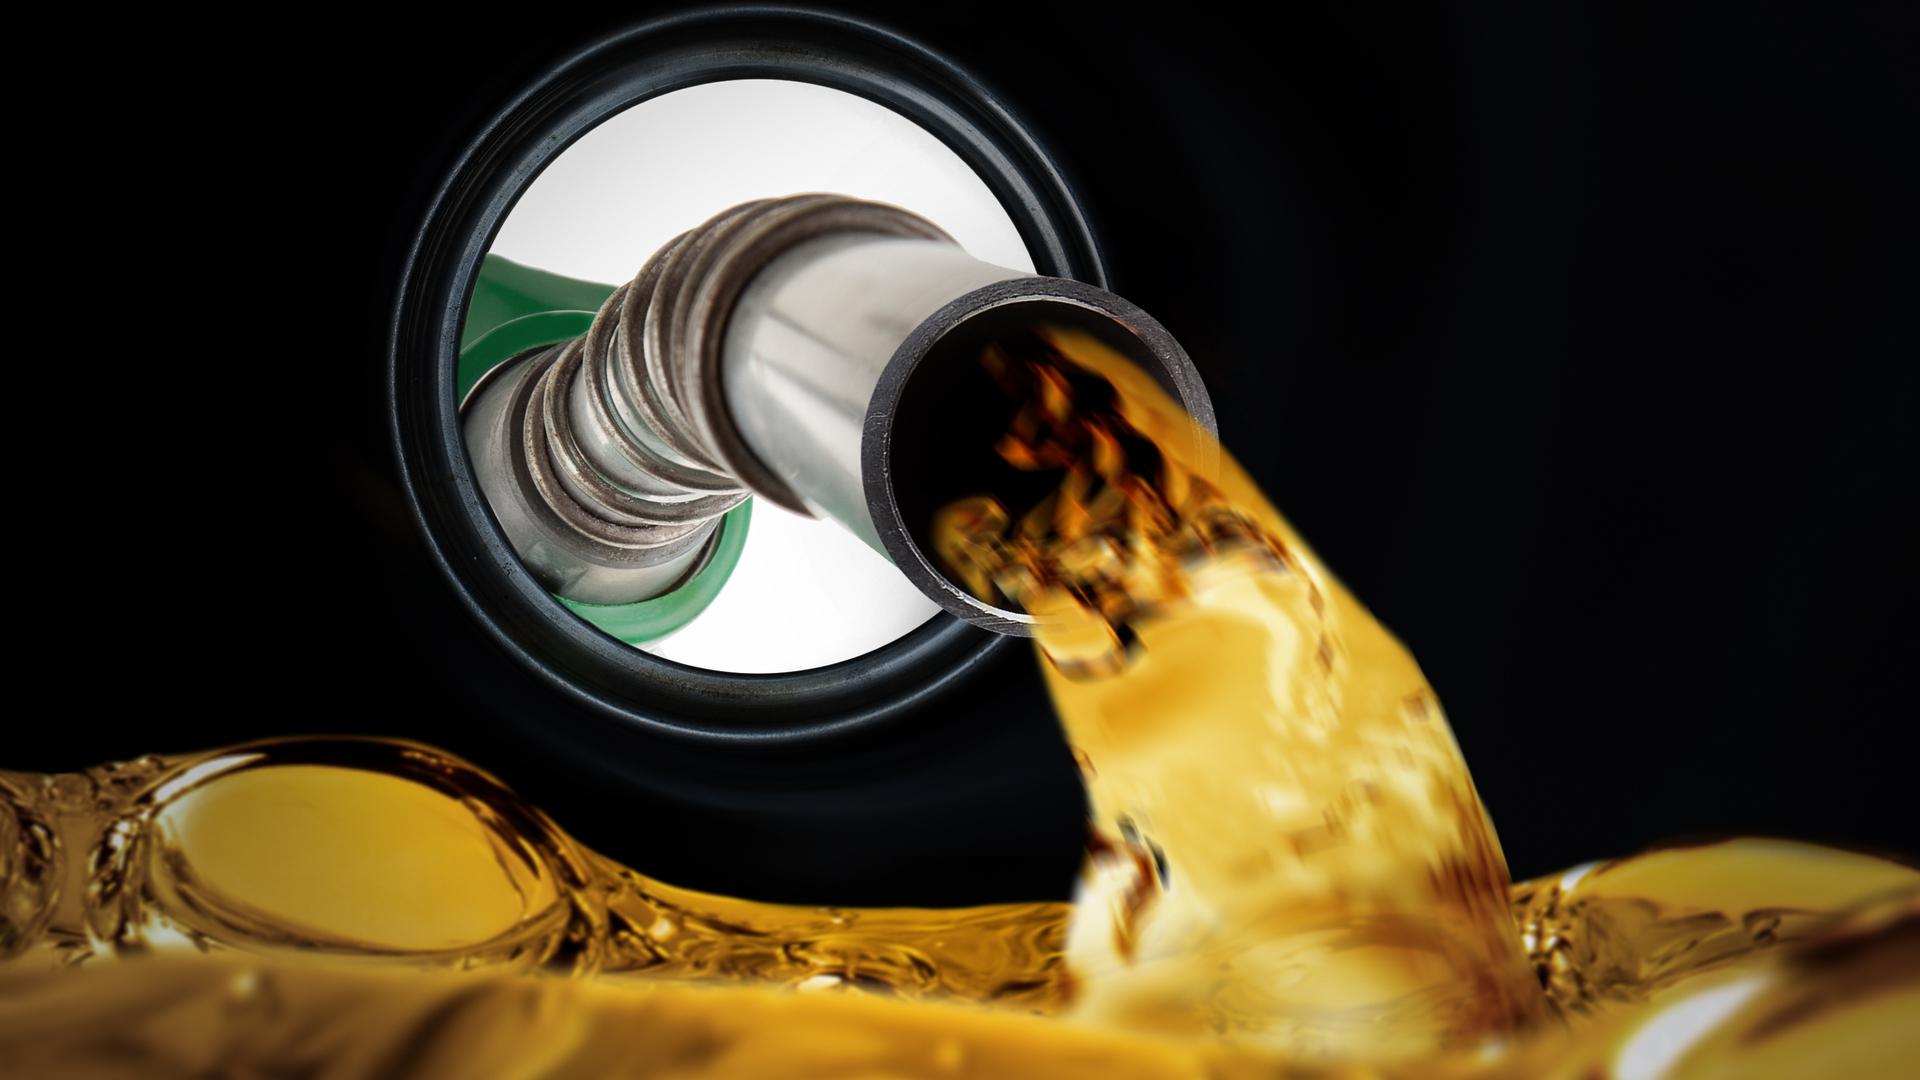 gasolina tamque qual evitar abastecer shutterstock 308023943